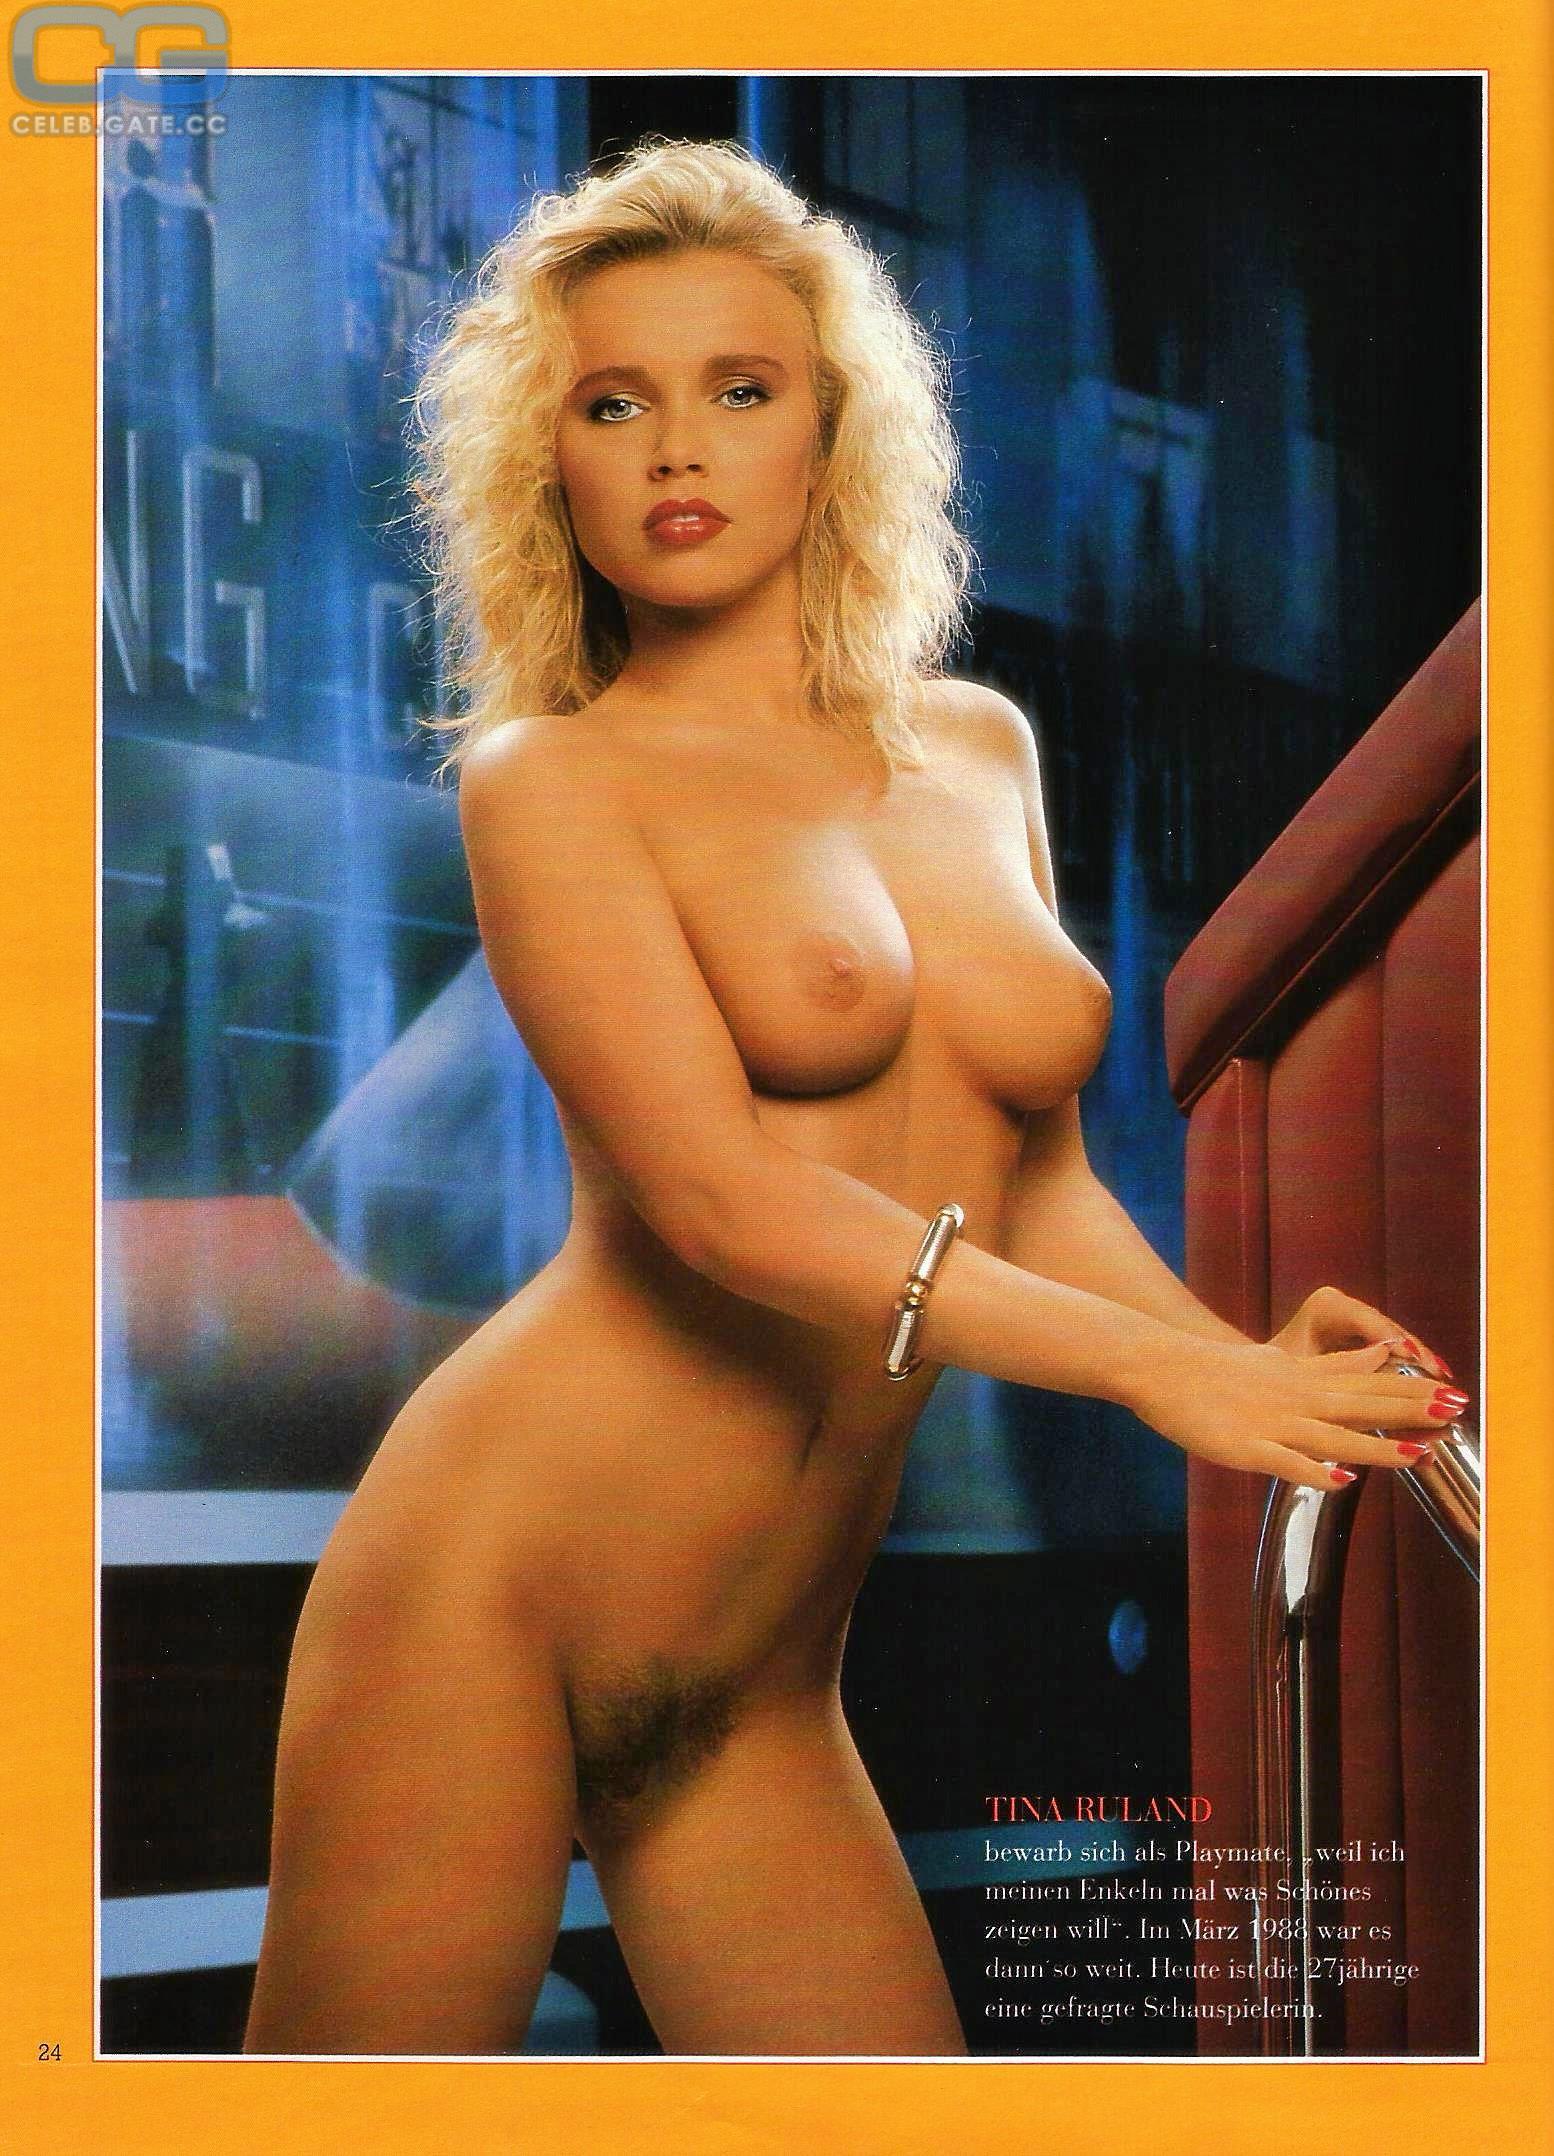 Tina ruland naked